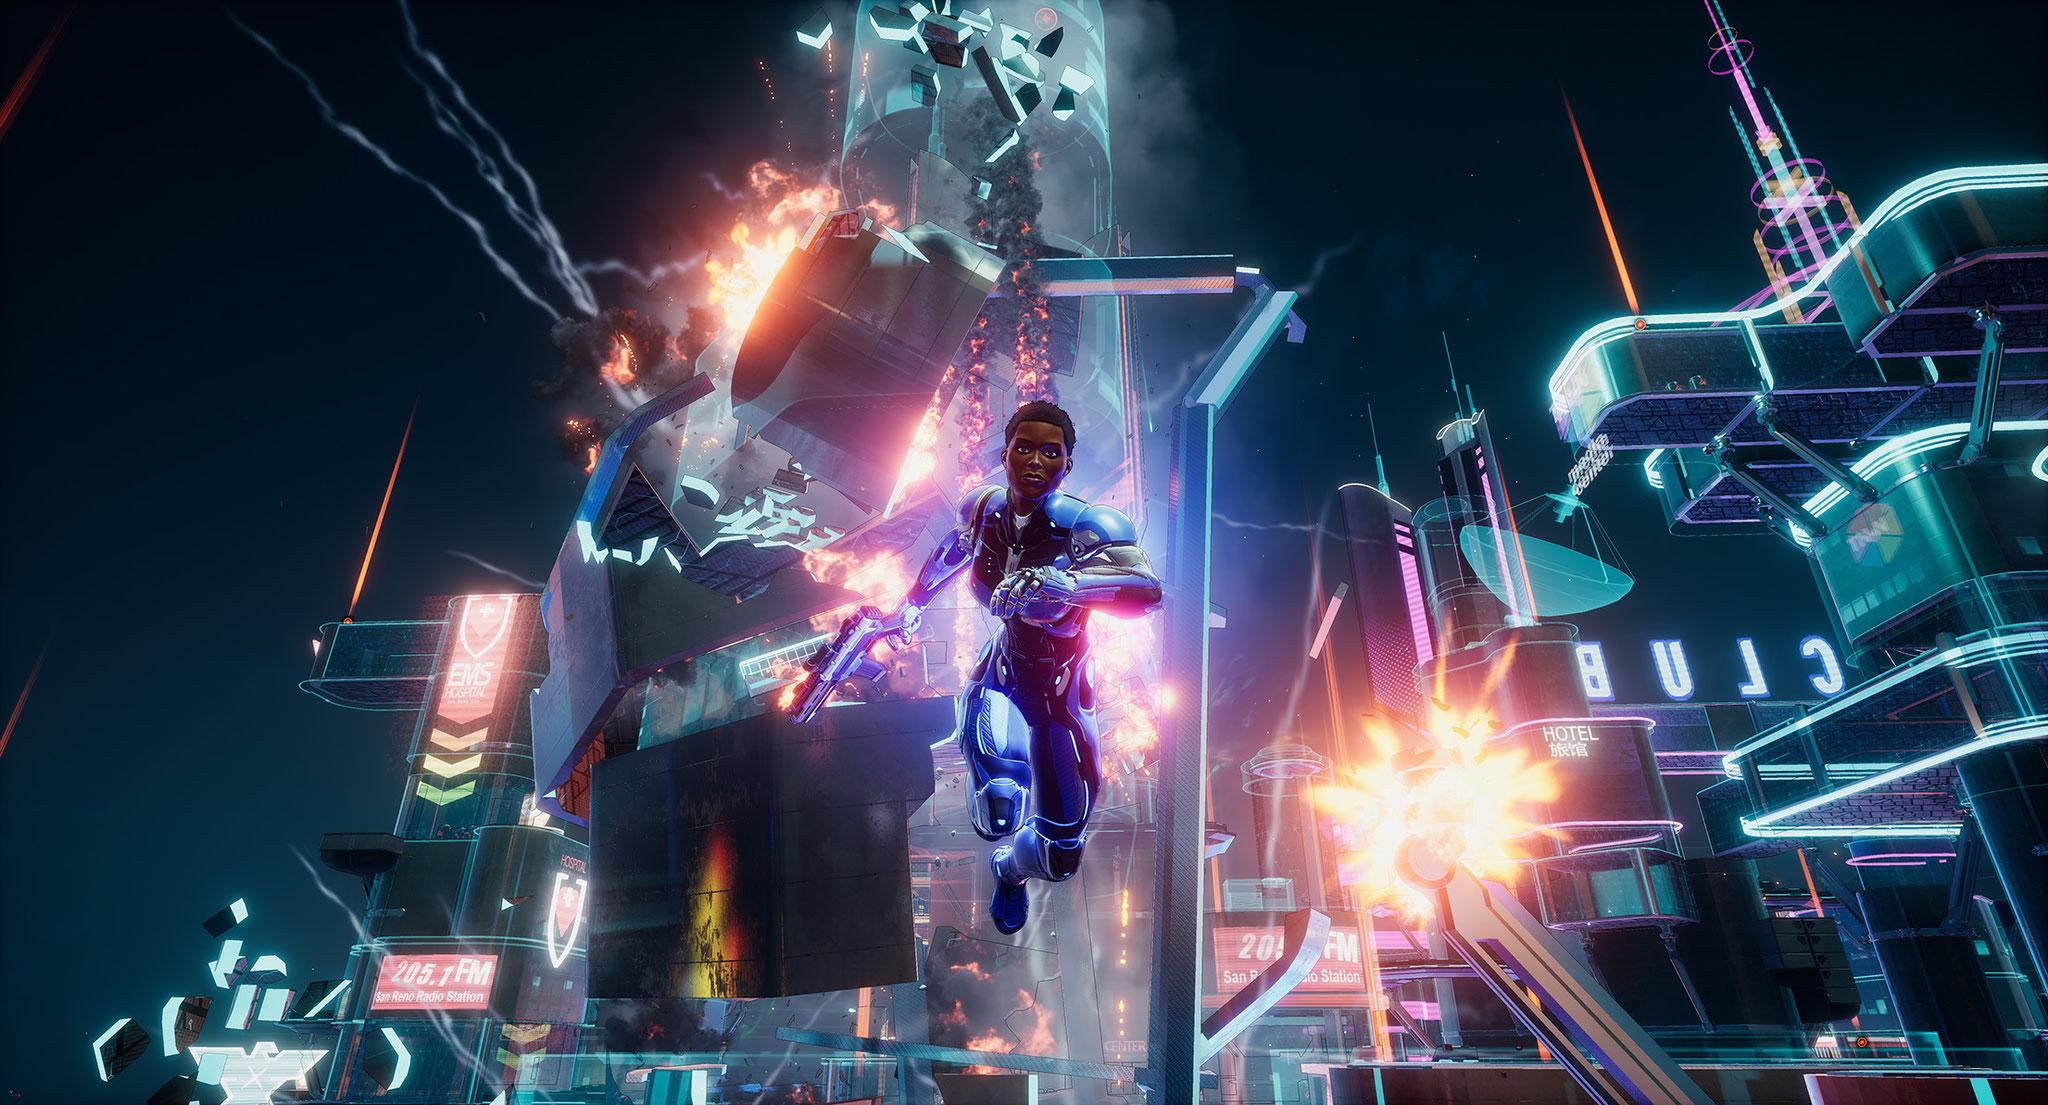 """Die Veröffentlichung von """"Crackdown 3"""" wurde auf den 15. Februar 2019 gelegt, außerdem bekommt der Titel einen speziellen Multiplayer-Modus: In der """"Wrecking Zone"""" ist der Name Programm. Leider spielt die brutale Vernichtungs-Orgie in Deutschland kaum ein"""